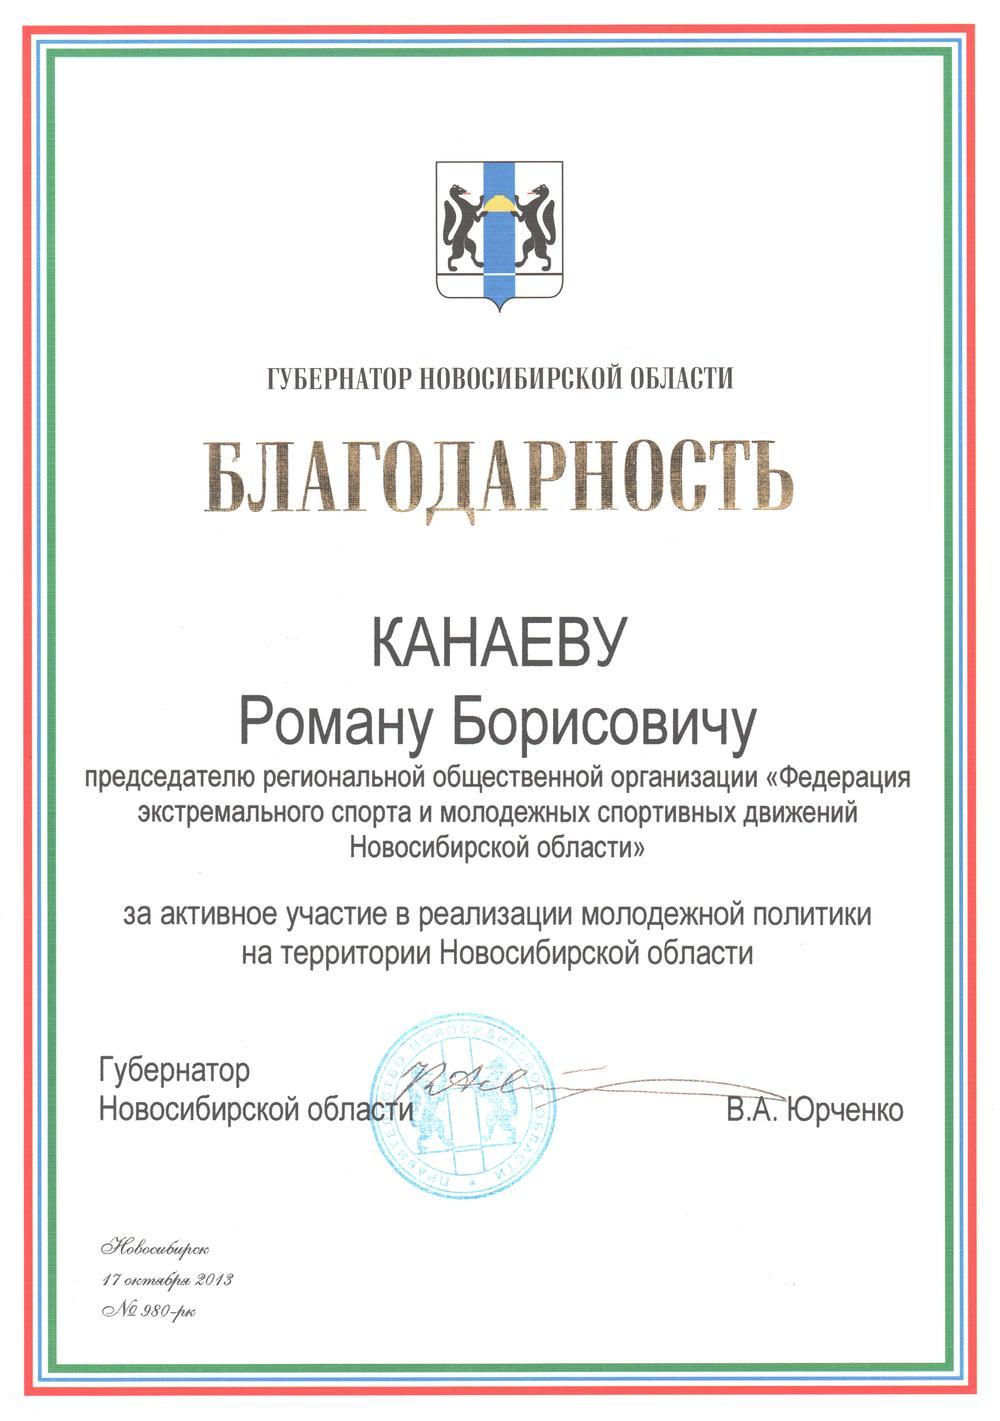 Юрченко 2013